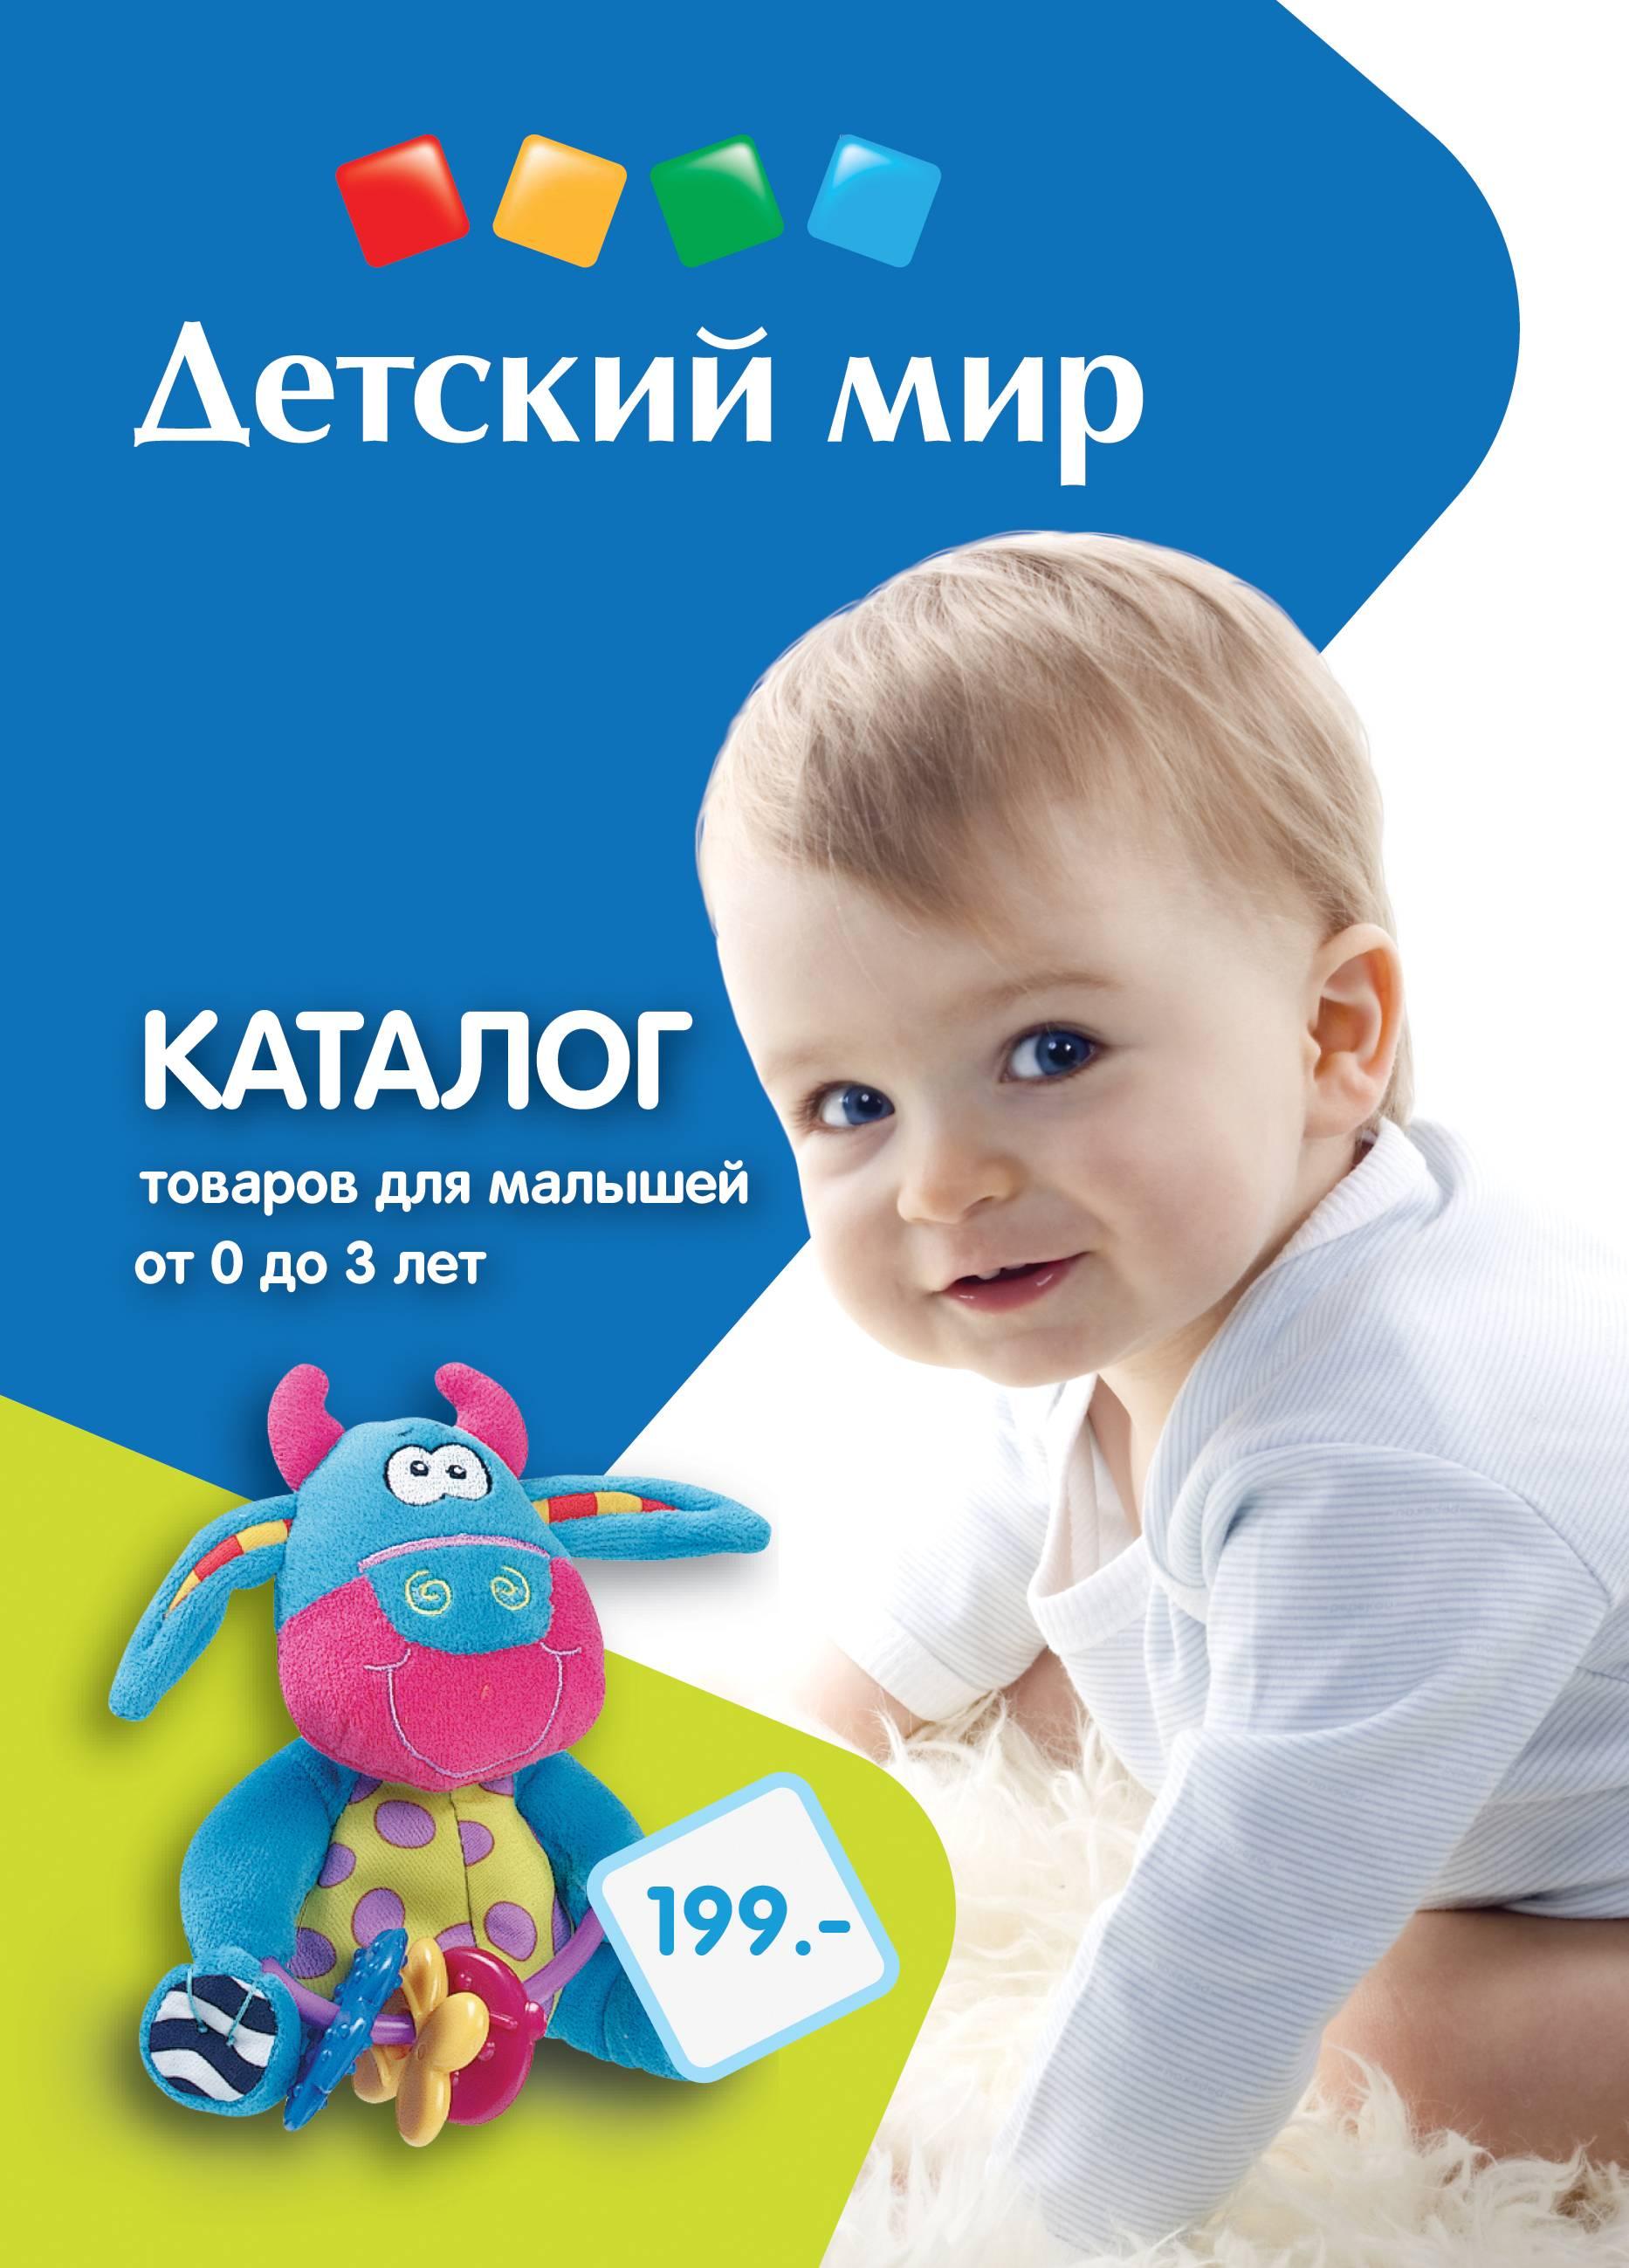 Детский мир каталог товаров для детей в москве: цены и акции ноябрь 2020 -  черная пятница 2020   cataloged.ru